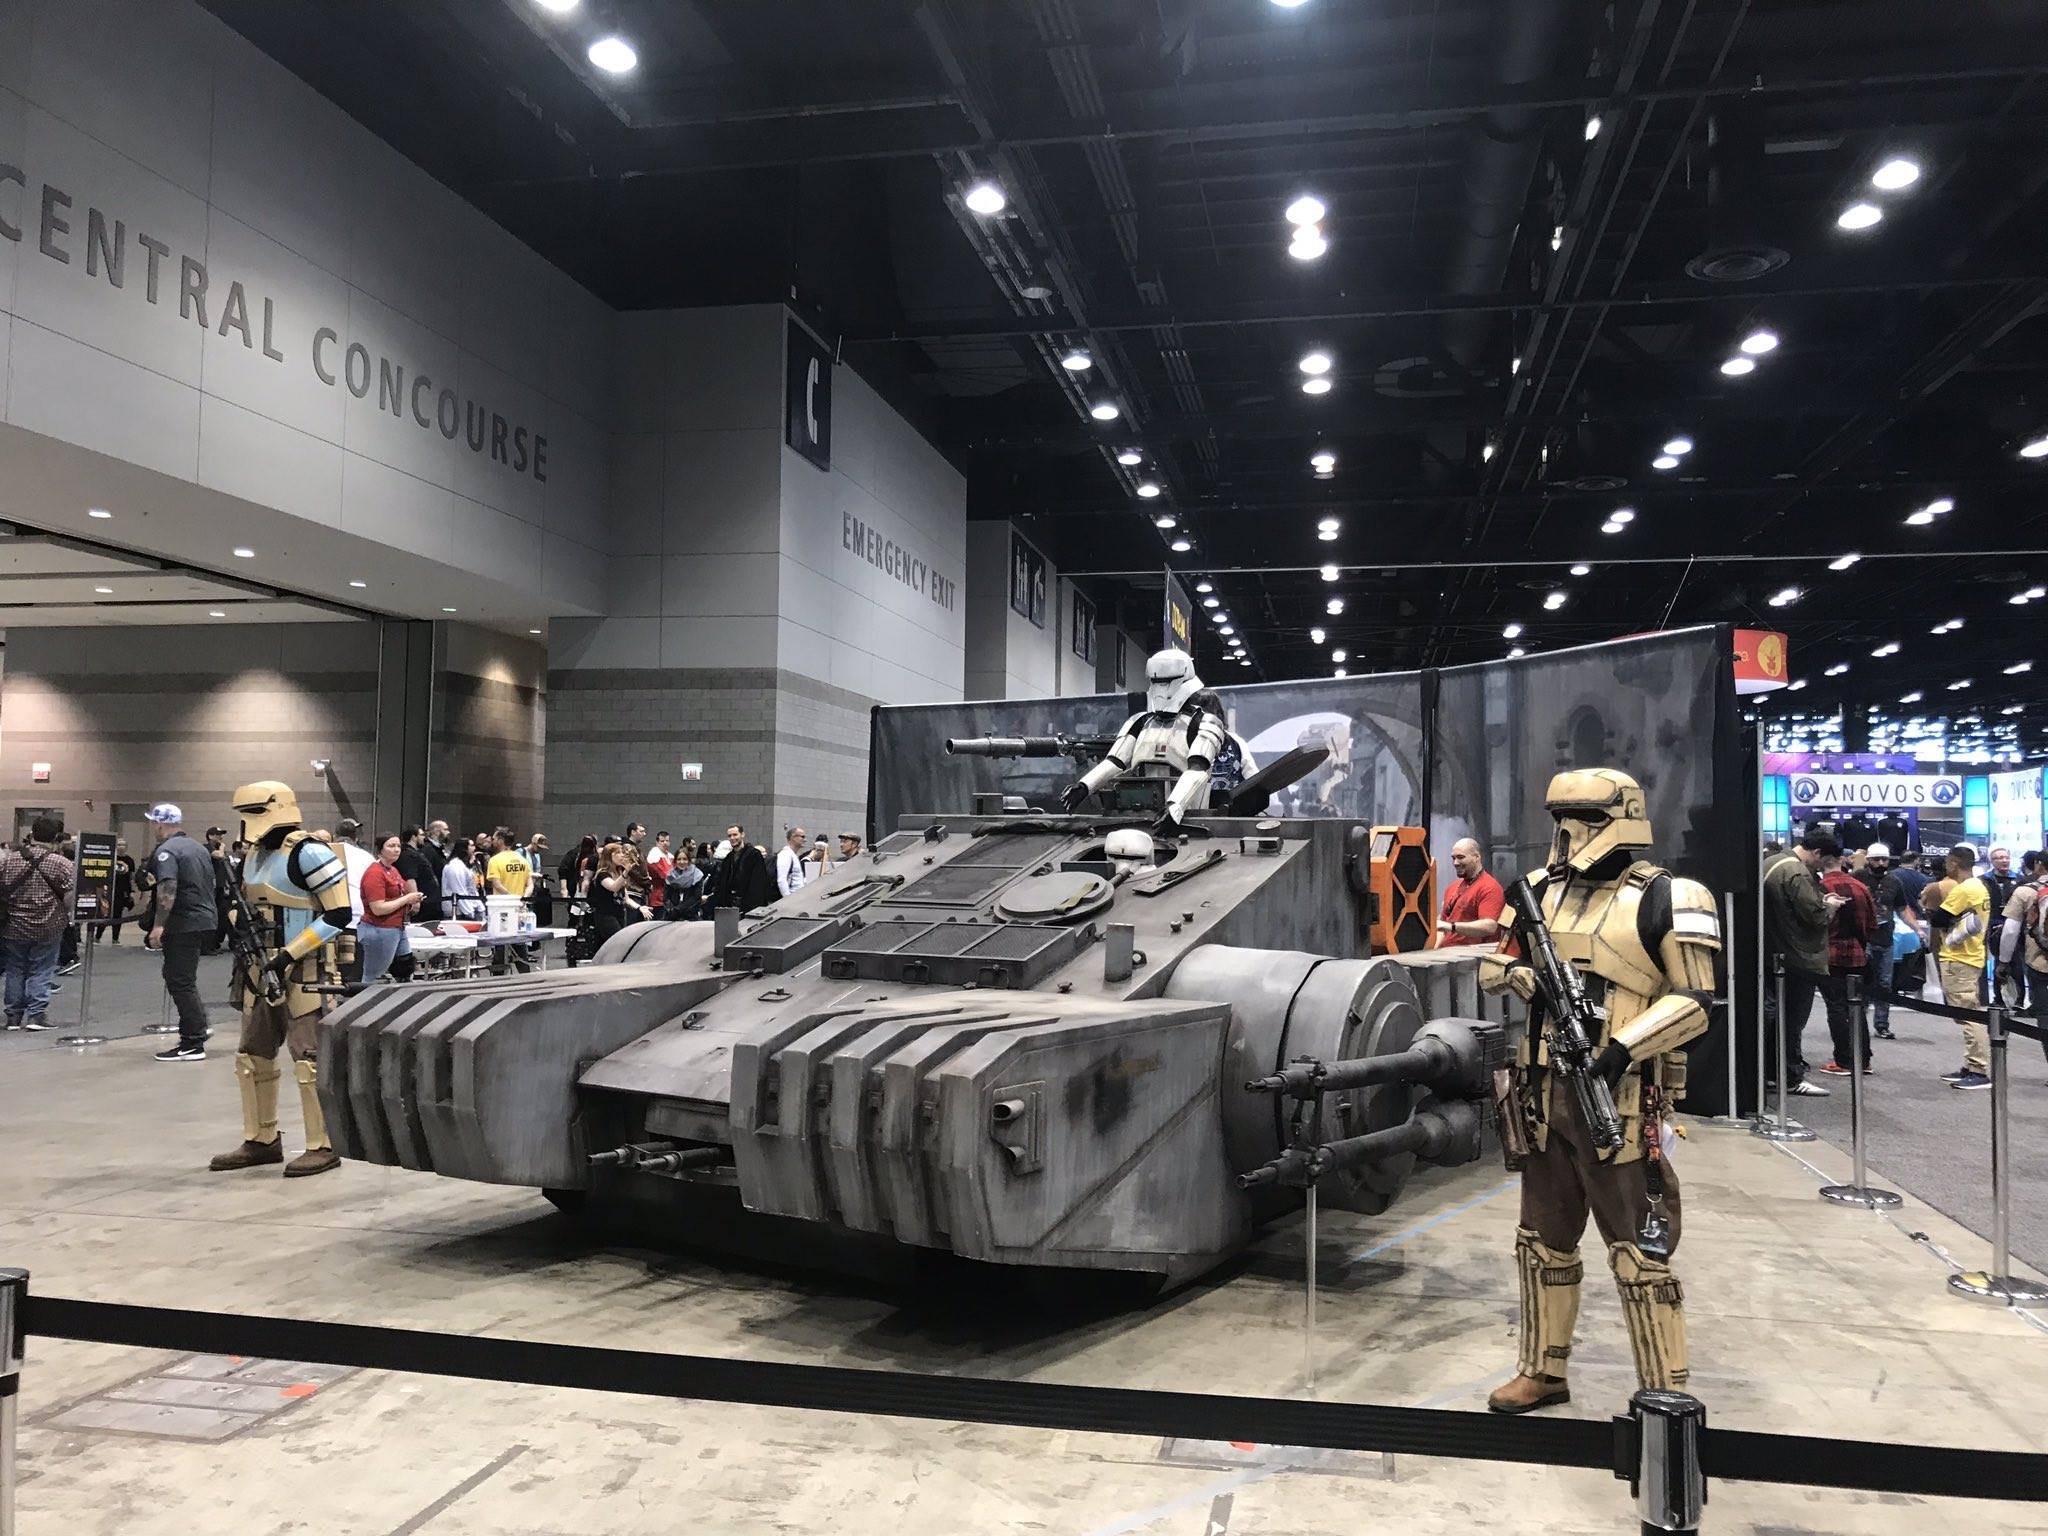 Birodalmi tank a Zsivány Egyesből (forrás: Twitter)